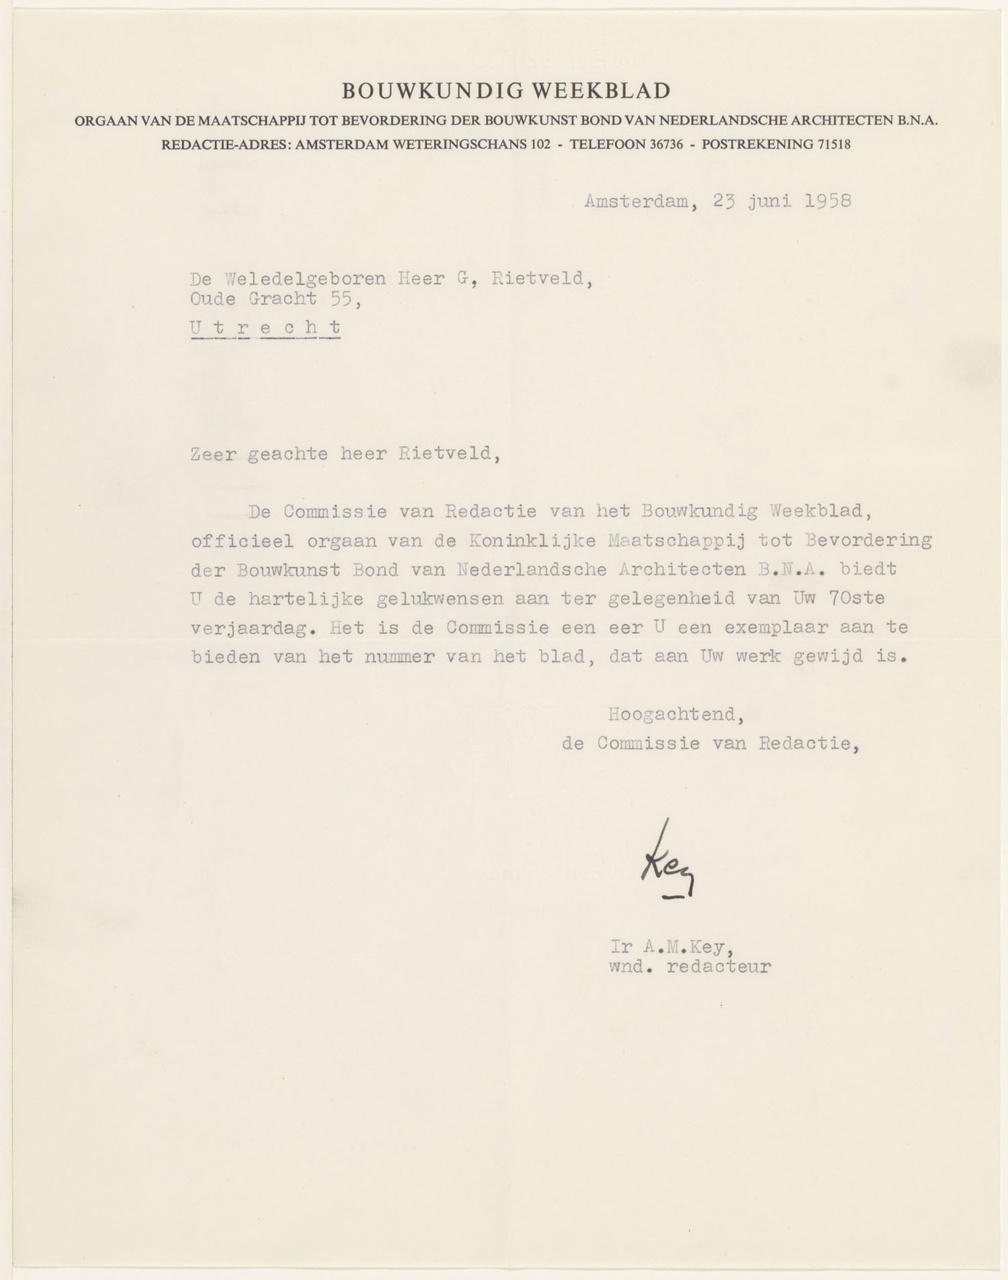 Brief van Bouwkundig weekblad aan G. Rietveld